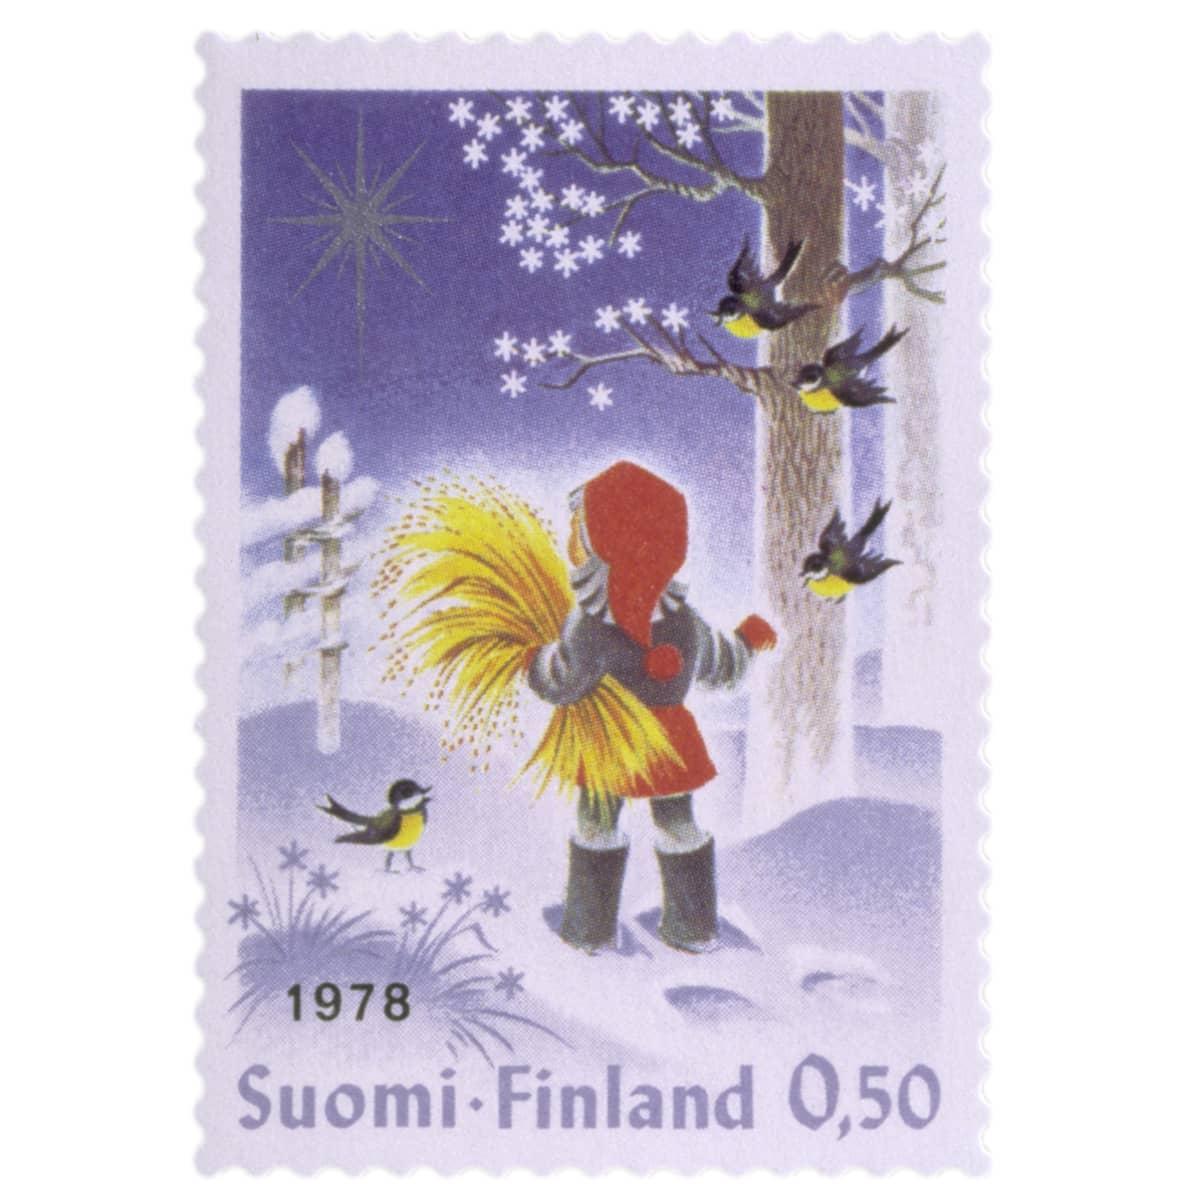 Joulupostimerkki tyttö ja lyhde